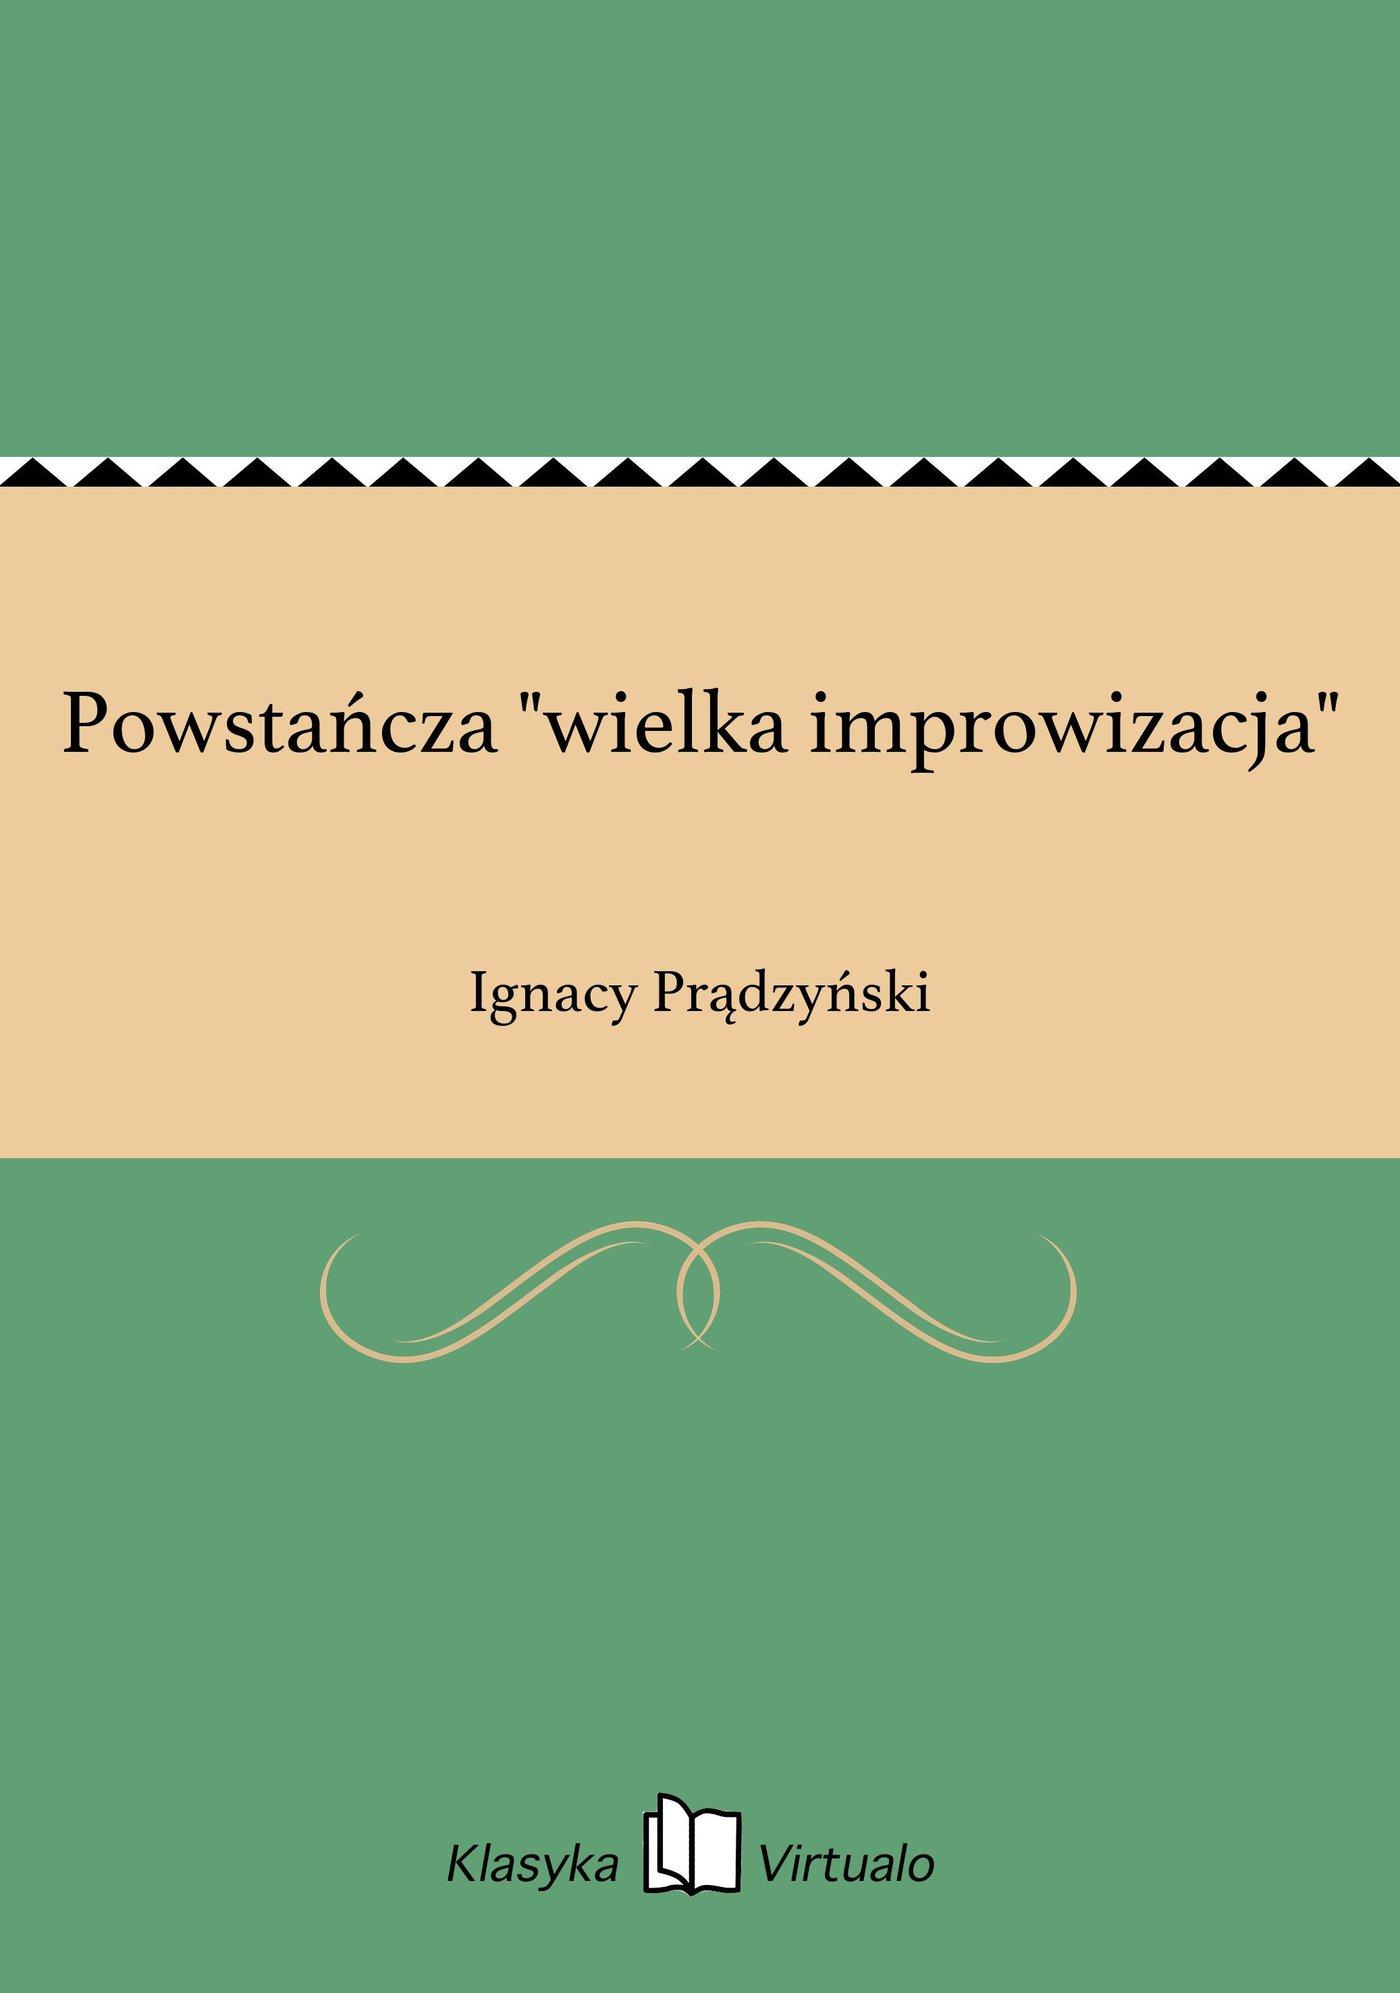 """Powstańcza """"wielka improwizacja"""" - Ebook (Książka EPUB) do pobrania w formacie EPUB"""